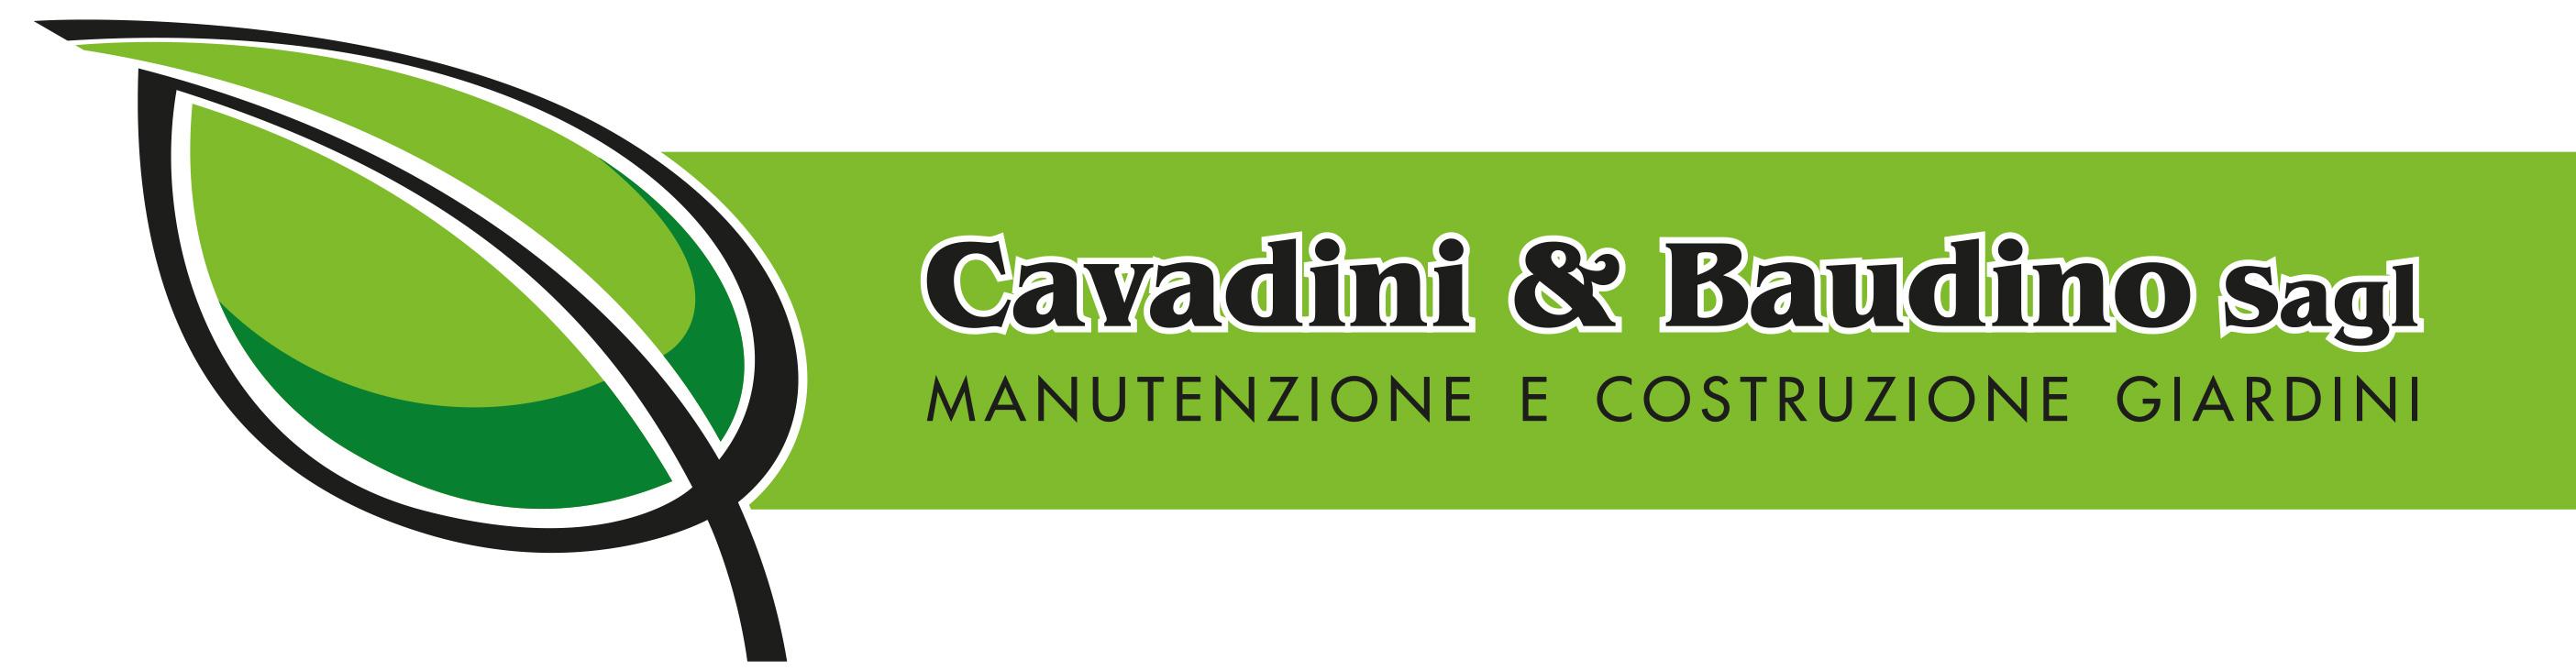 Bild Cavadini & Baudino Sagl